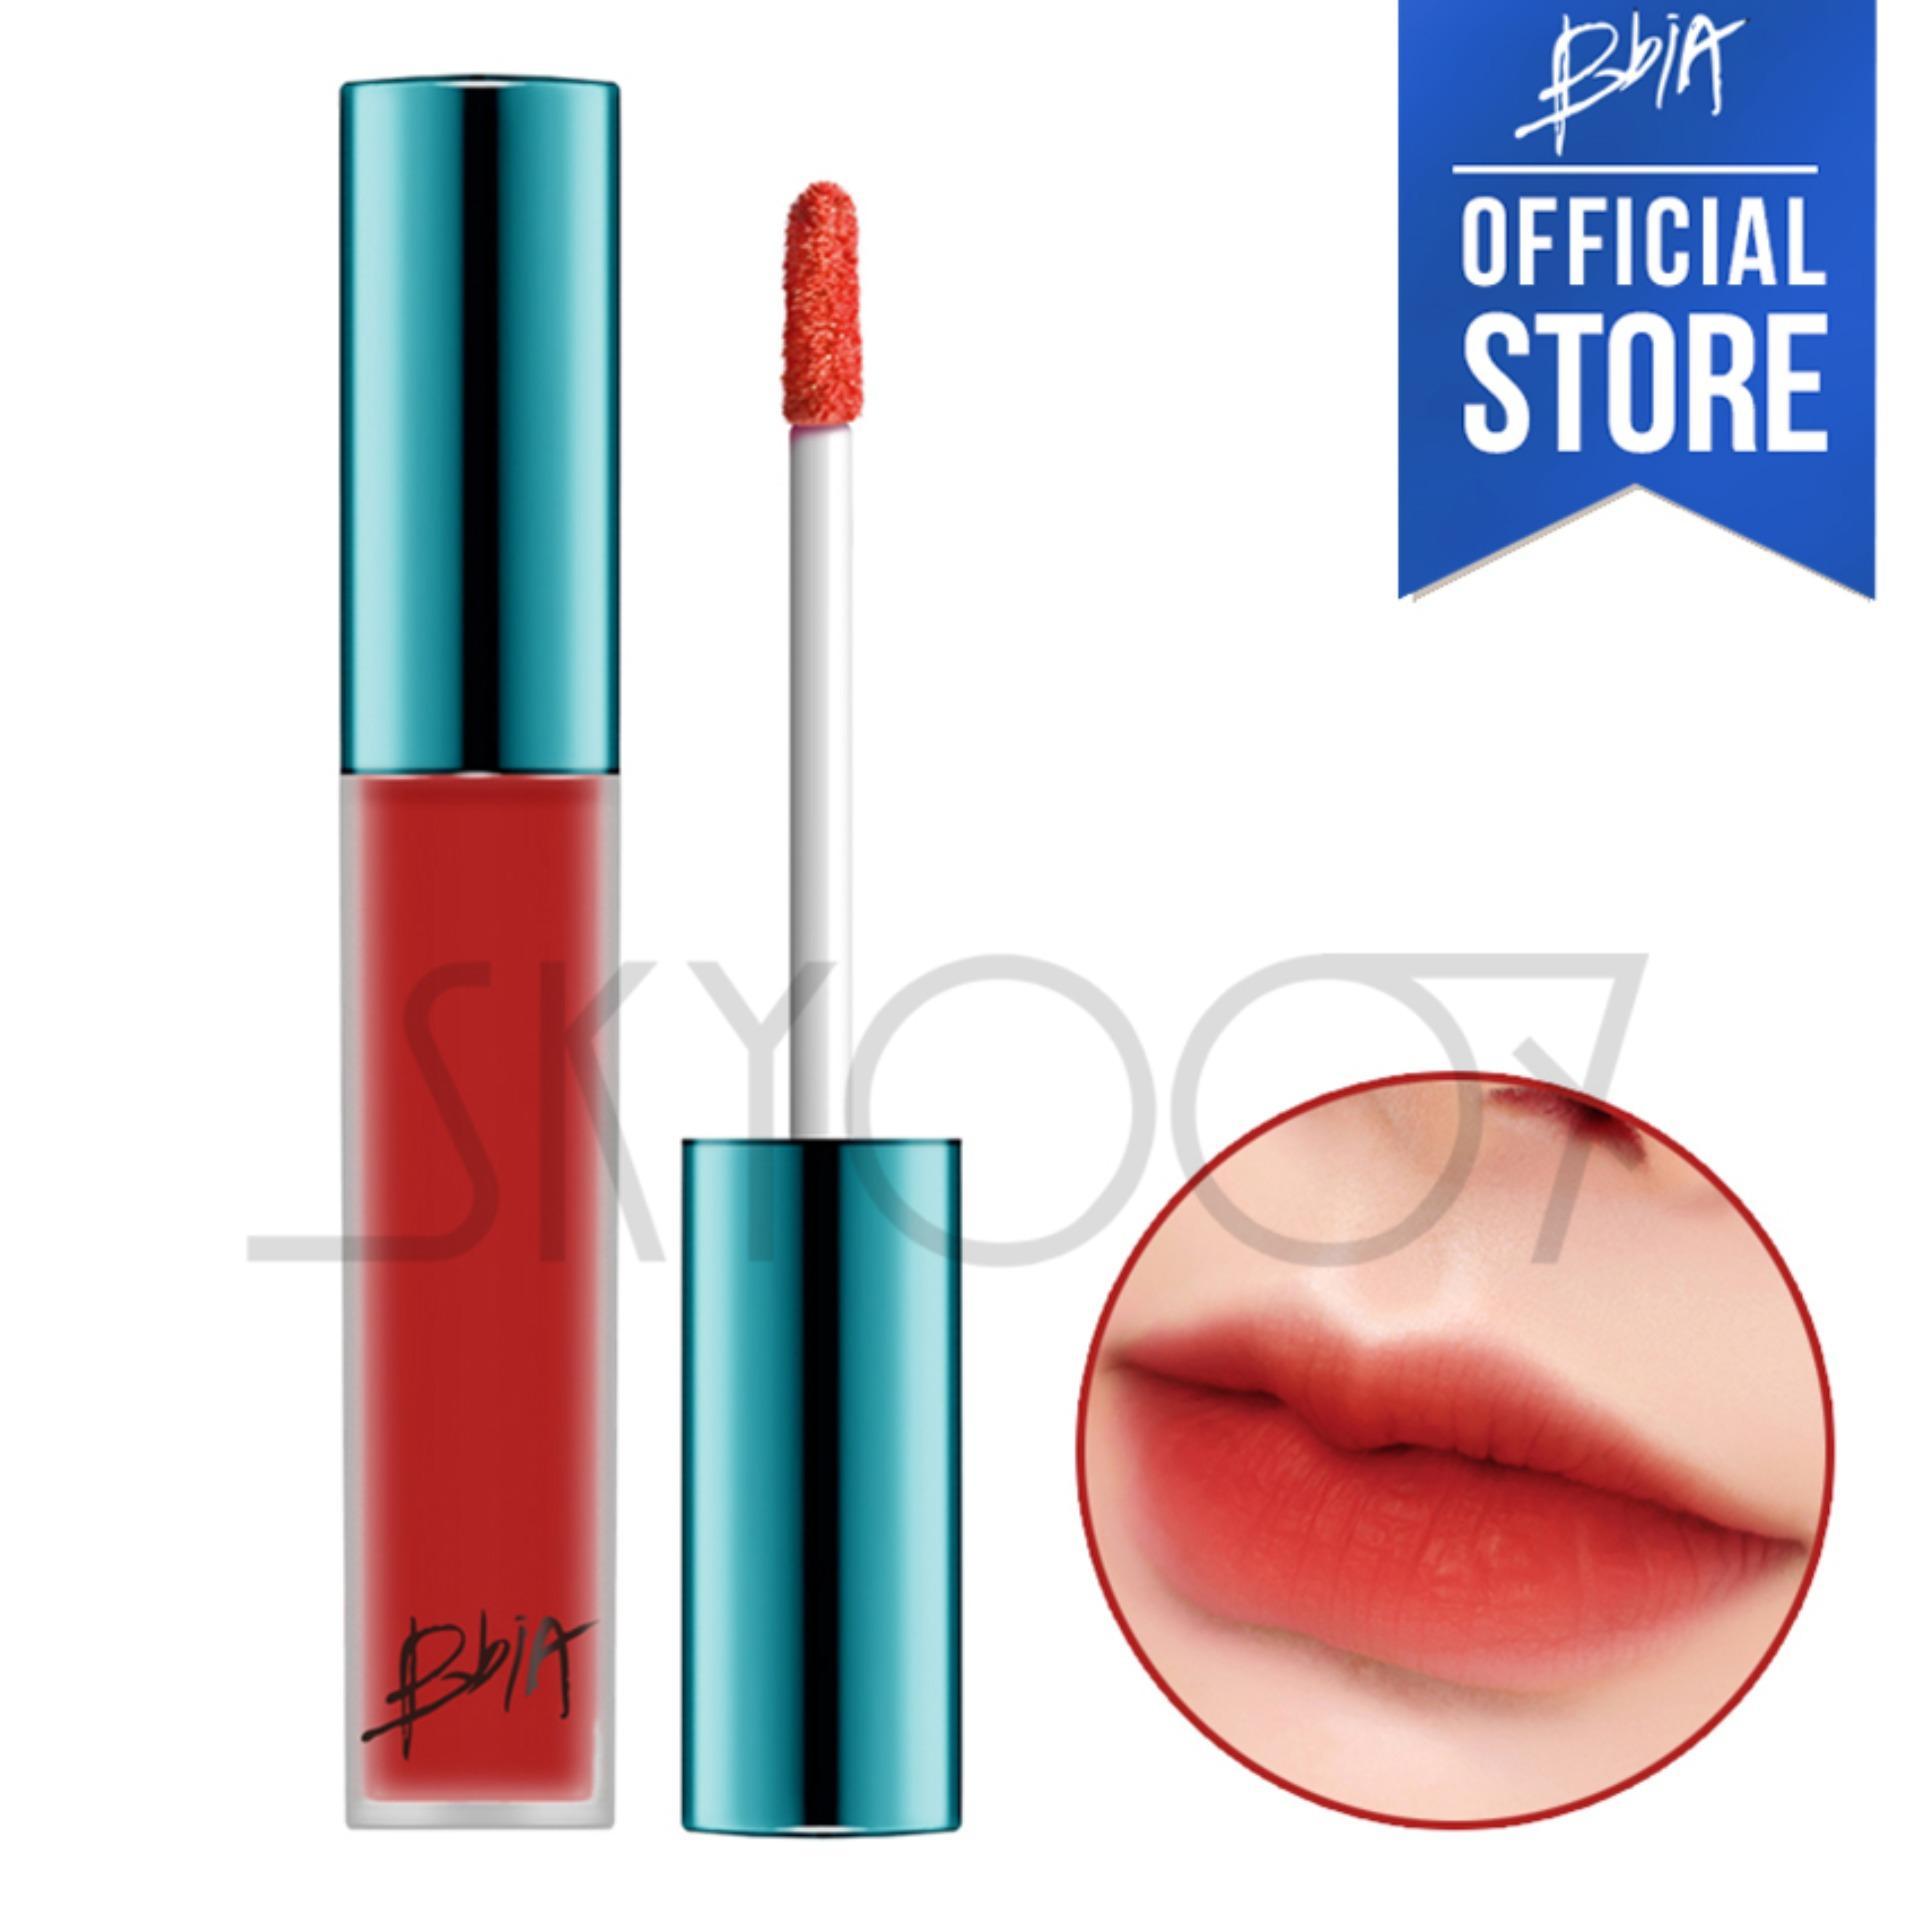 Chiết Khấu Son Kem Li Sieu Lau Troi Bbia Last Velvet Lip Tint Version 1 04 Extra Mood Mau Đỏ Có Thương Hiệu